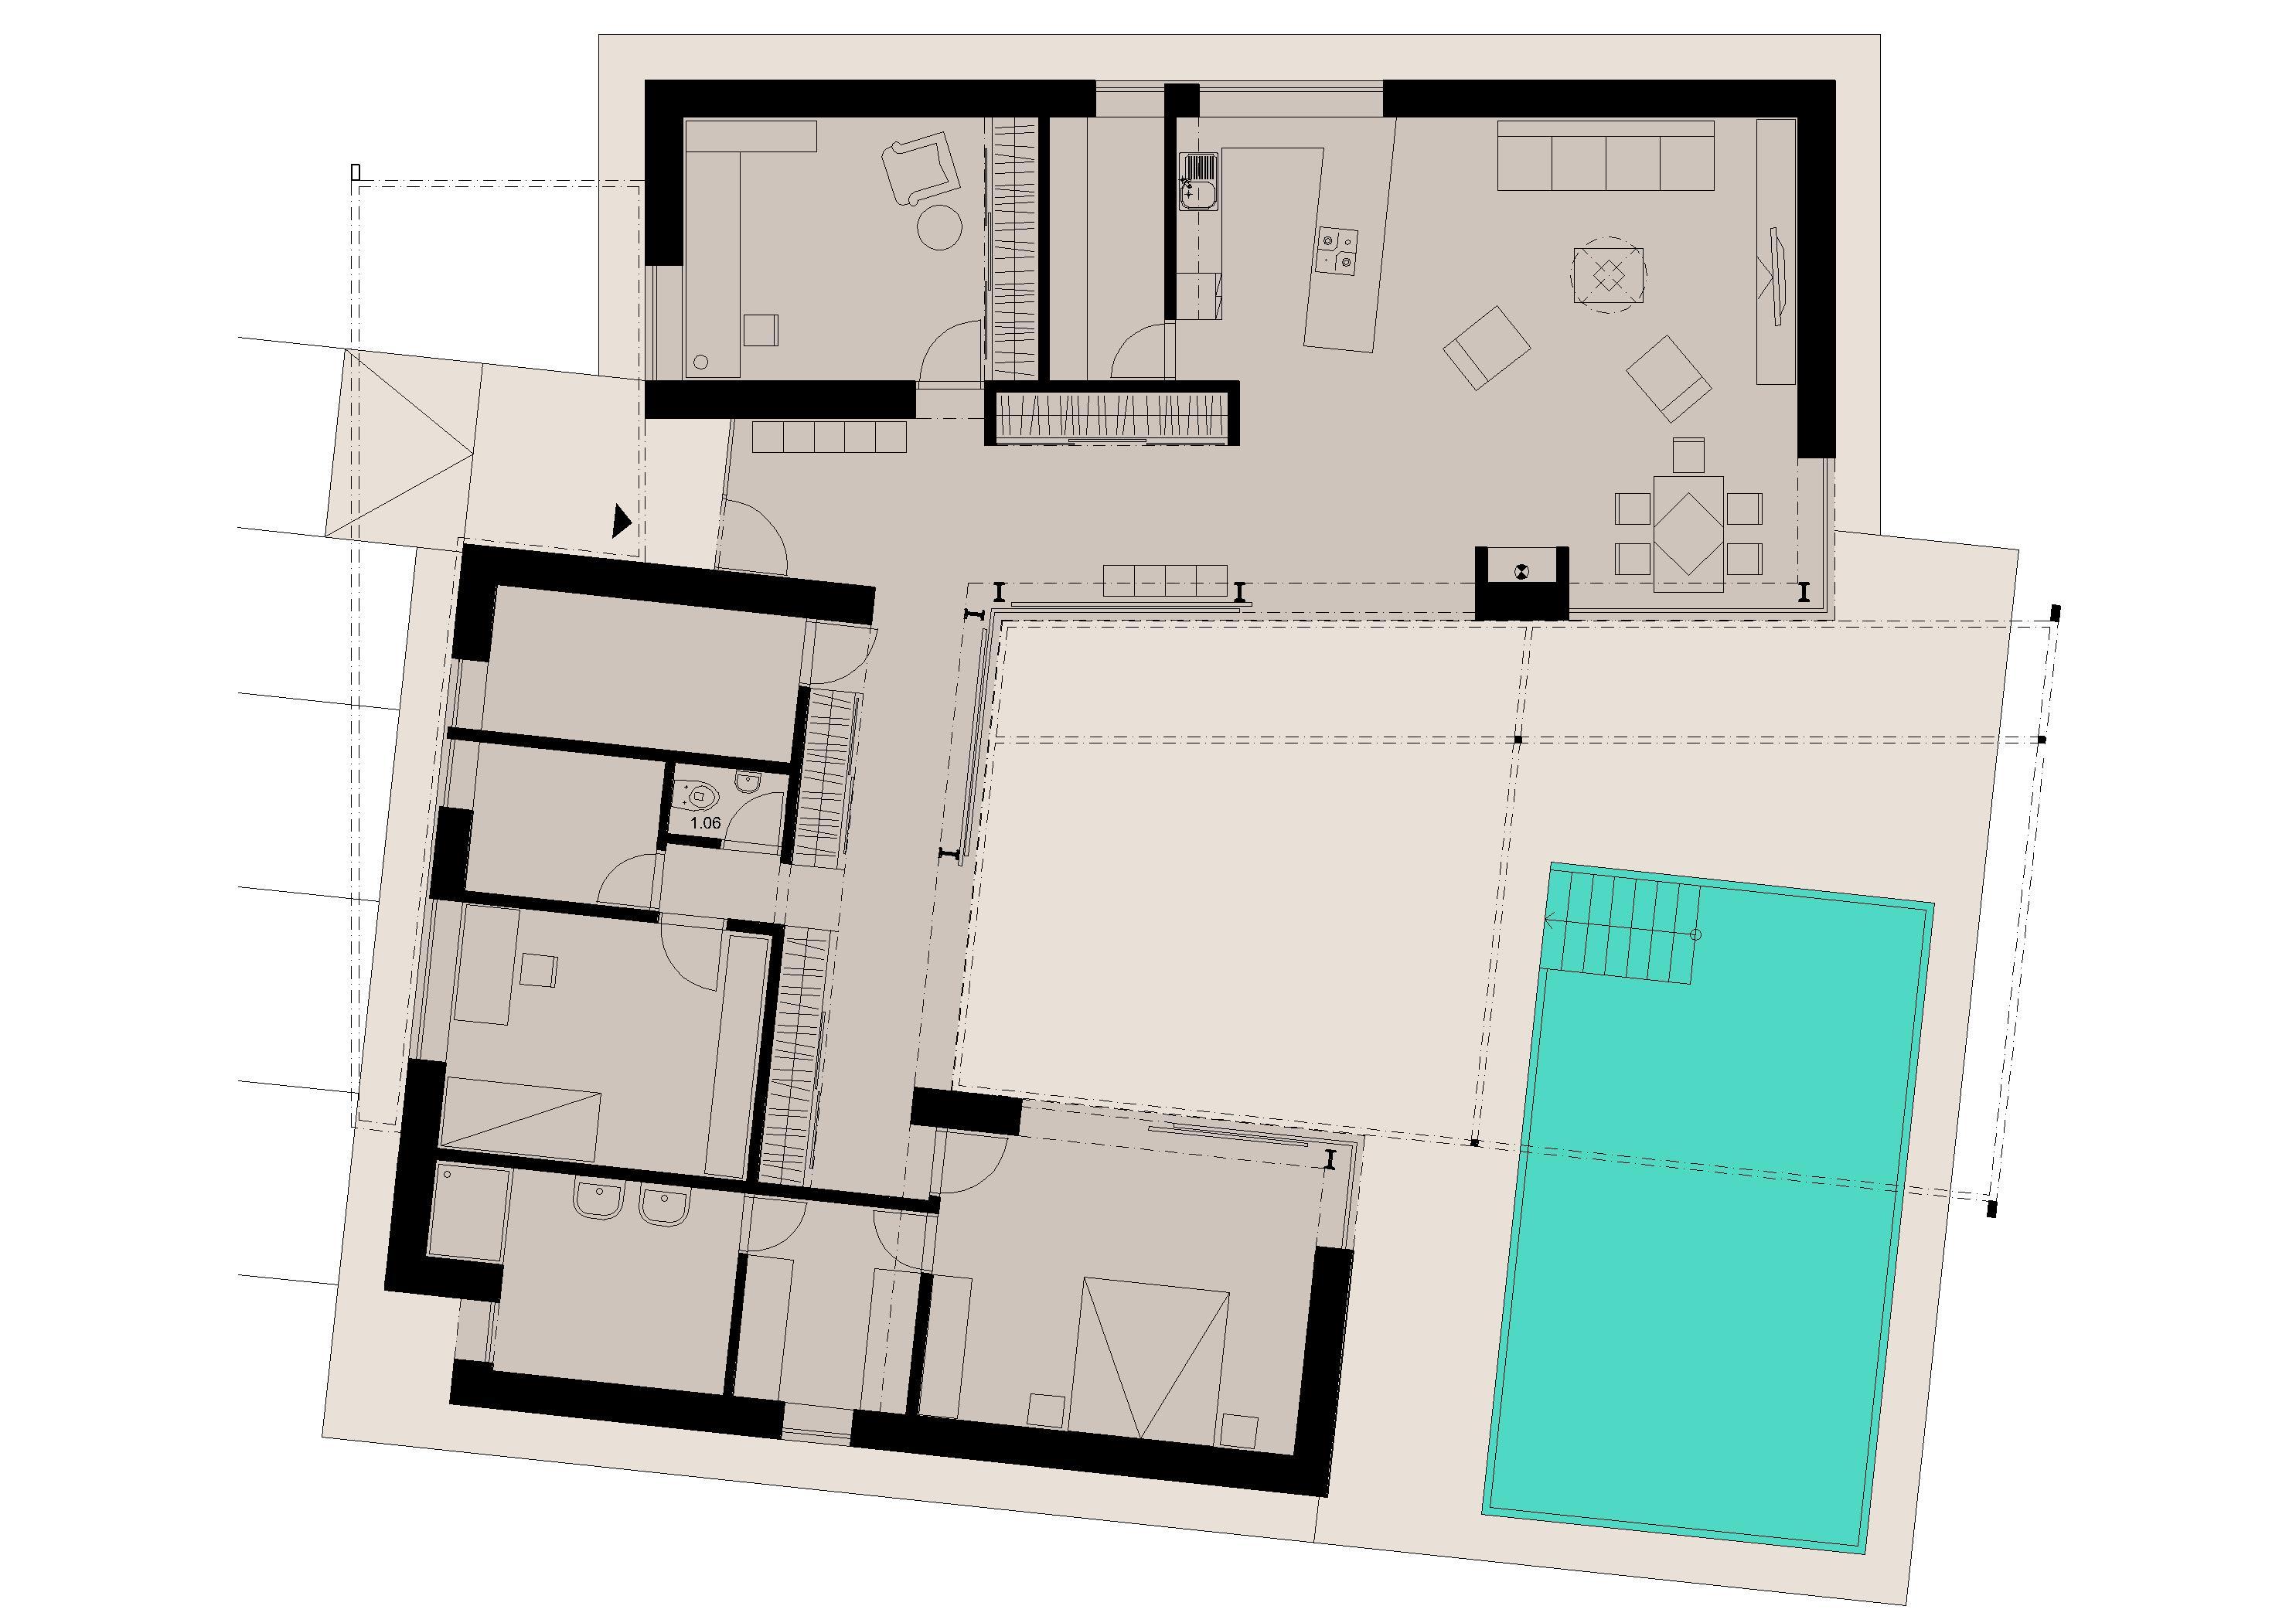 Projekt stavby rodinného domu IX 10